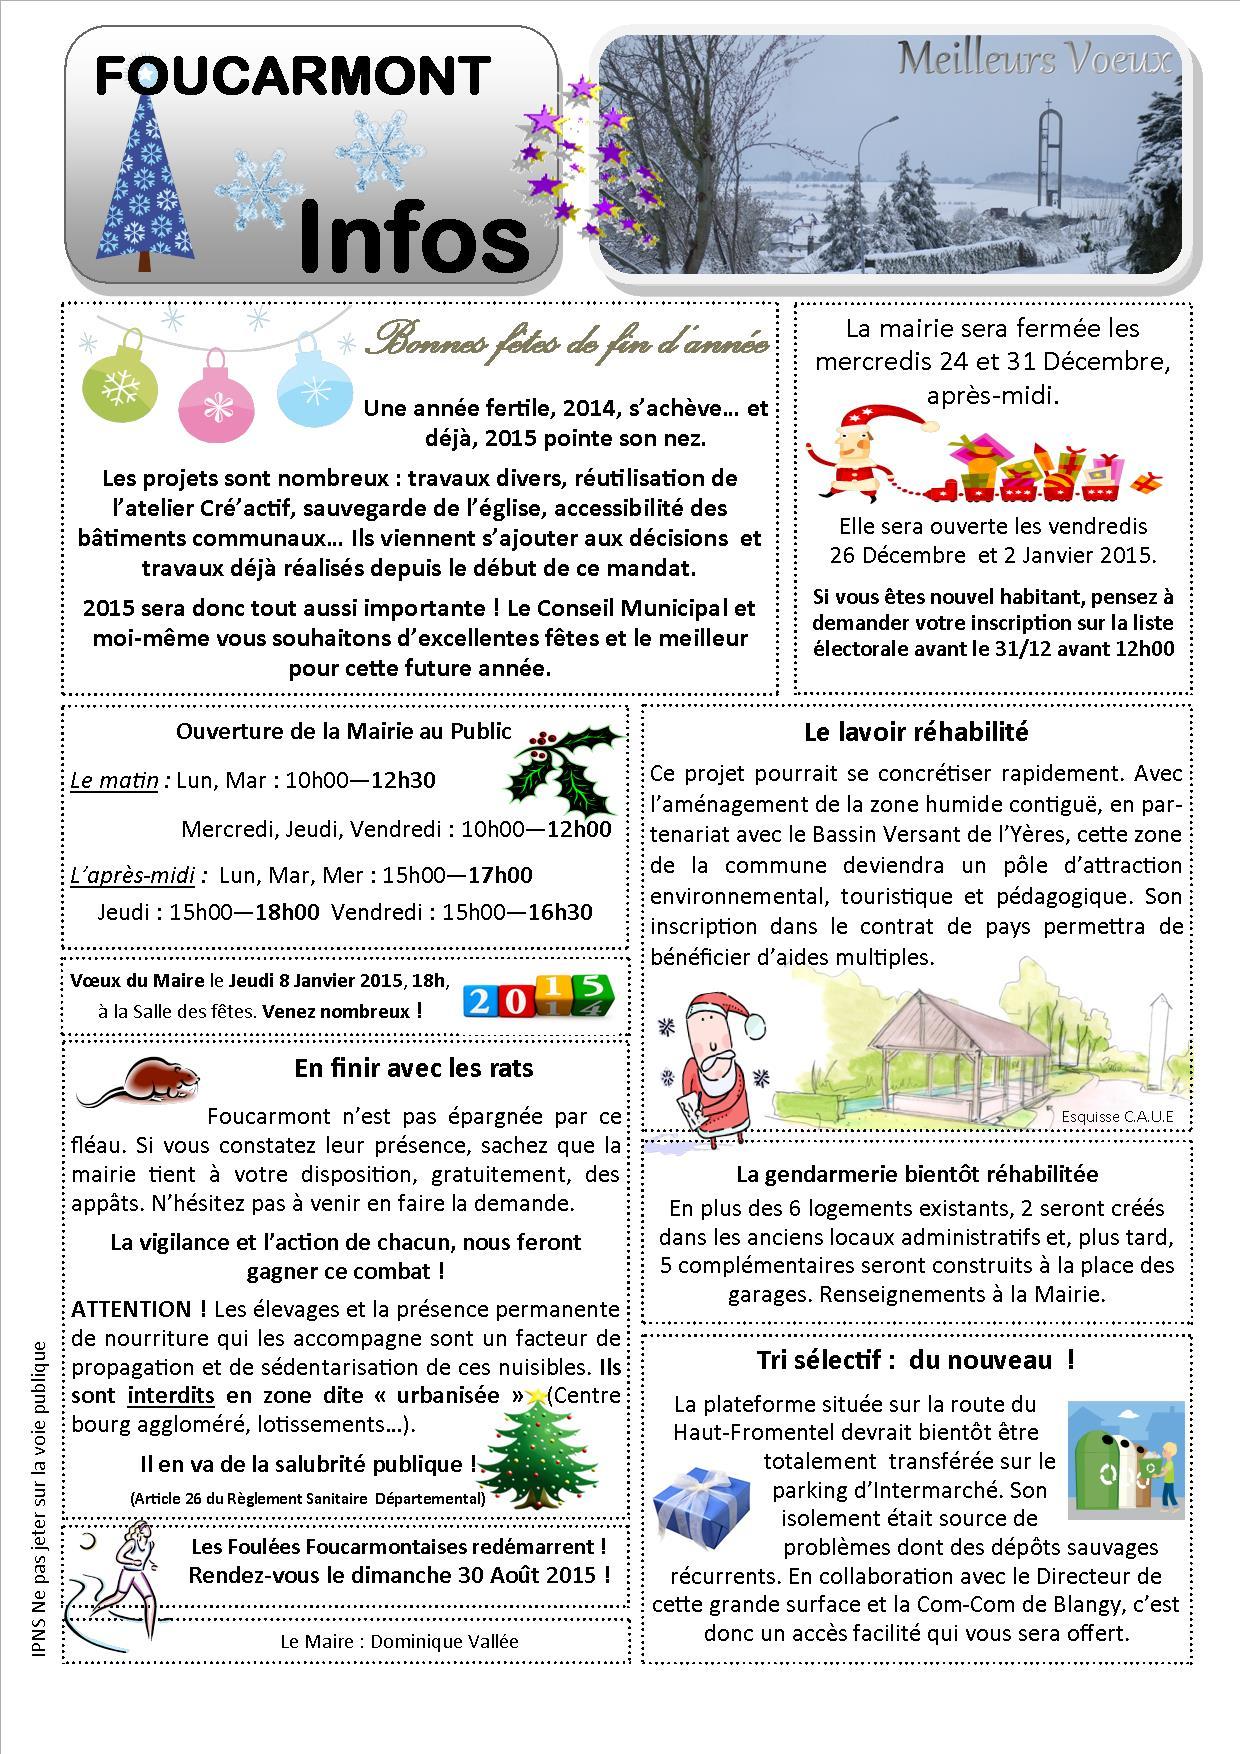 Foucarmont Infos 1 12 2014 V3